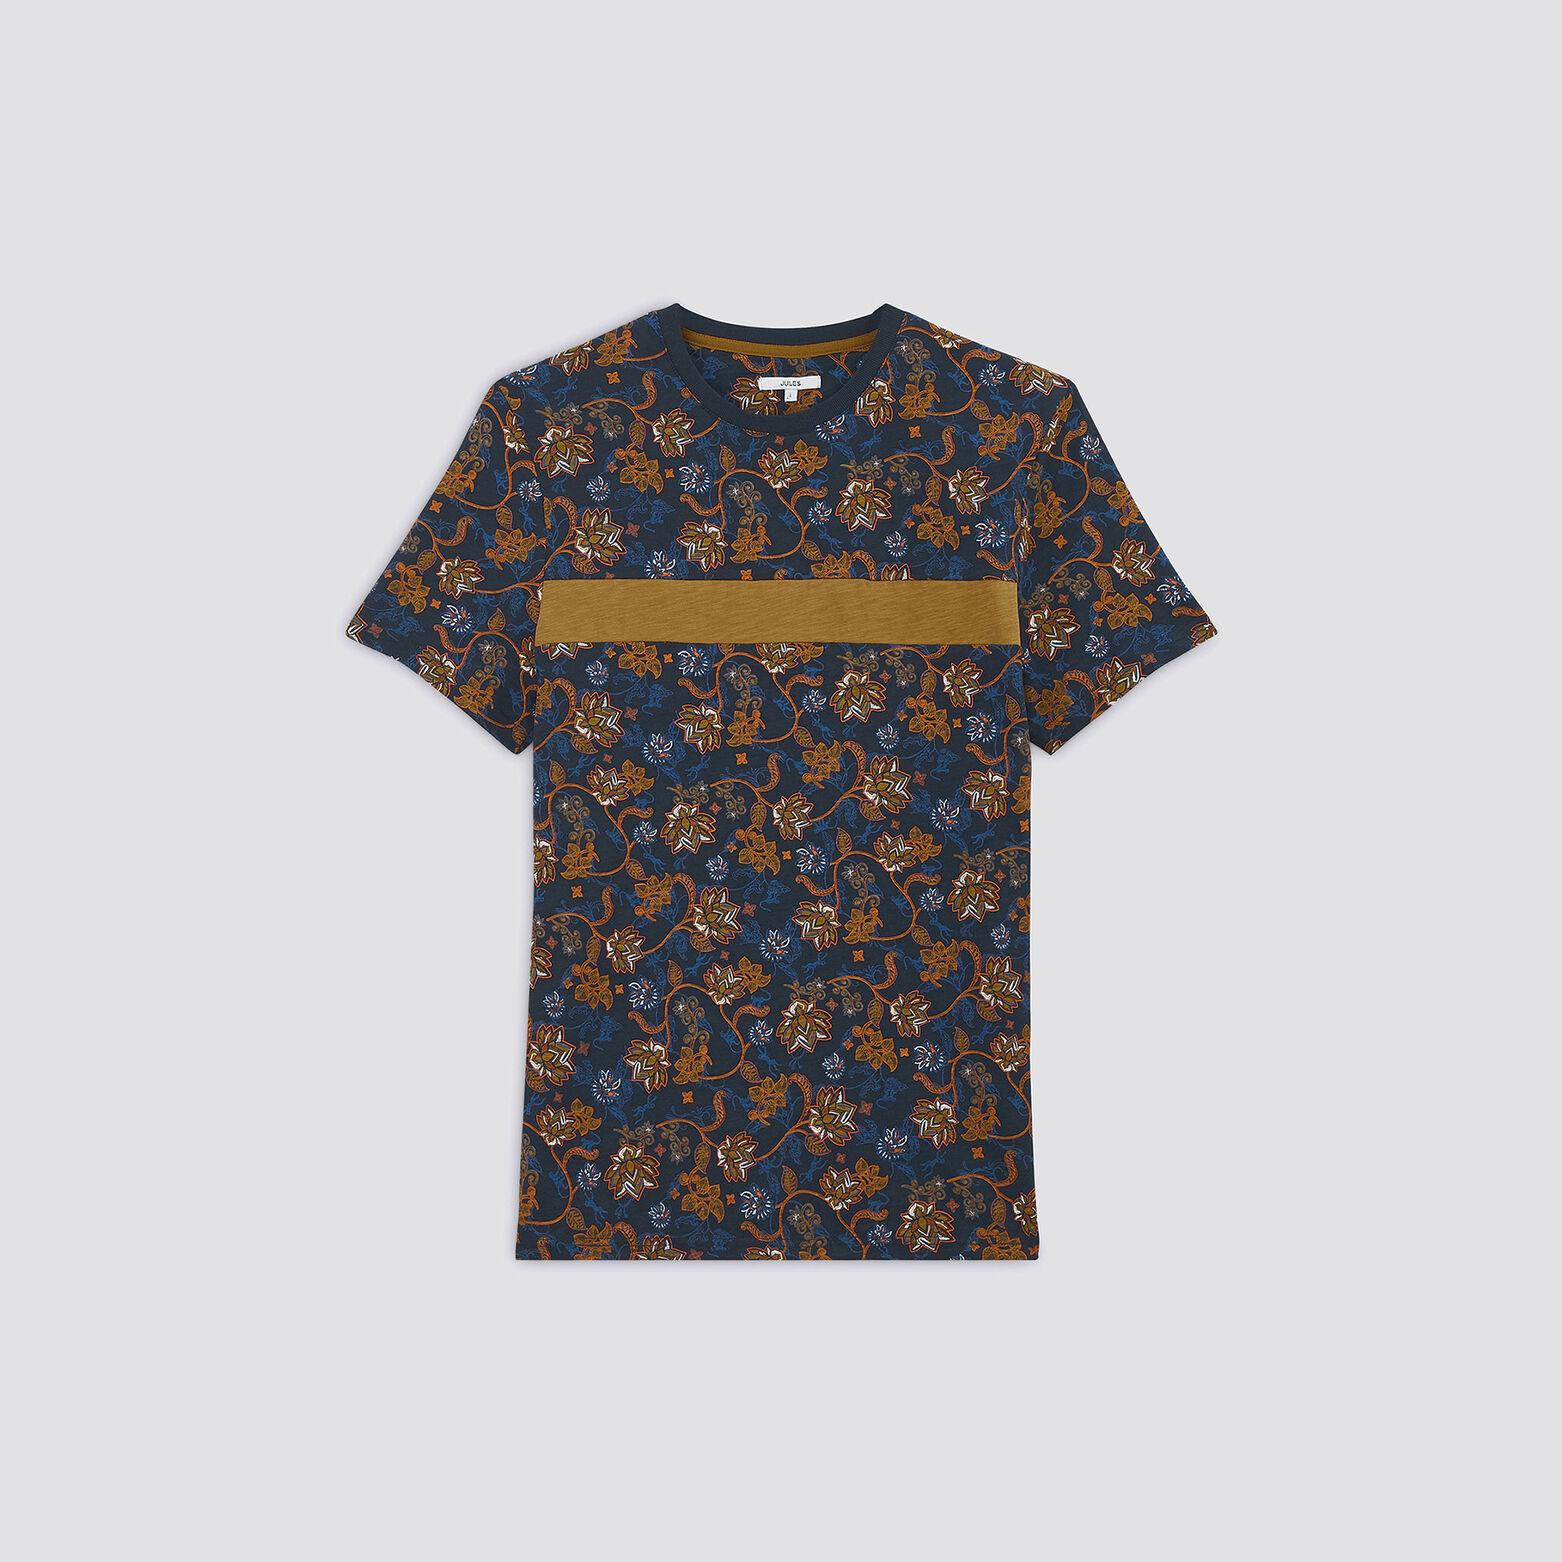 Tee-shirt imprimé floral